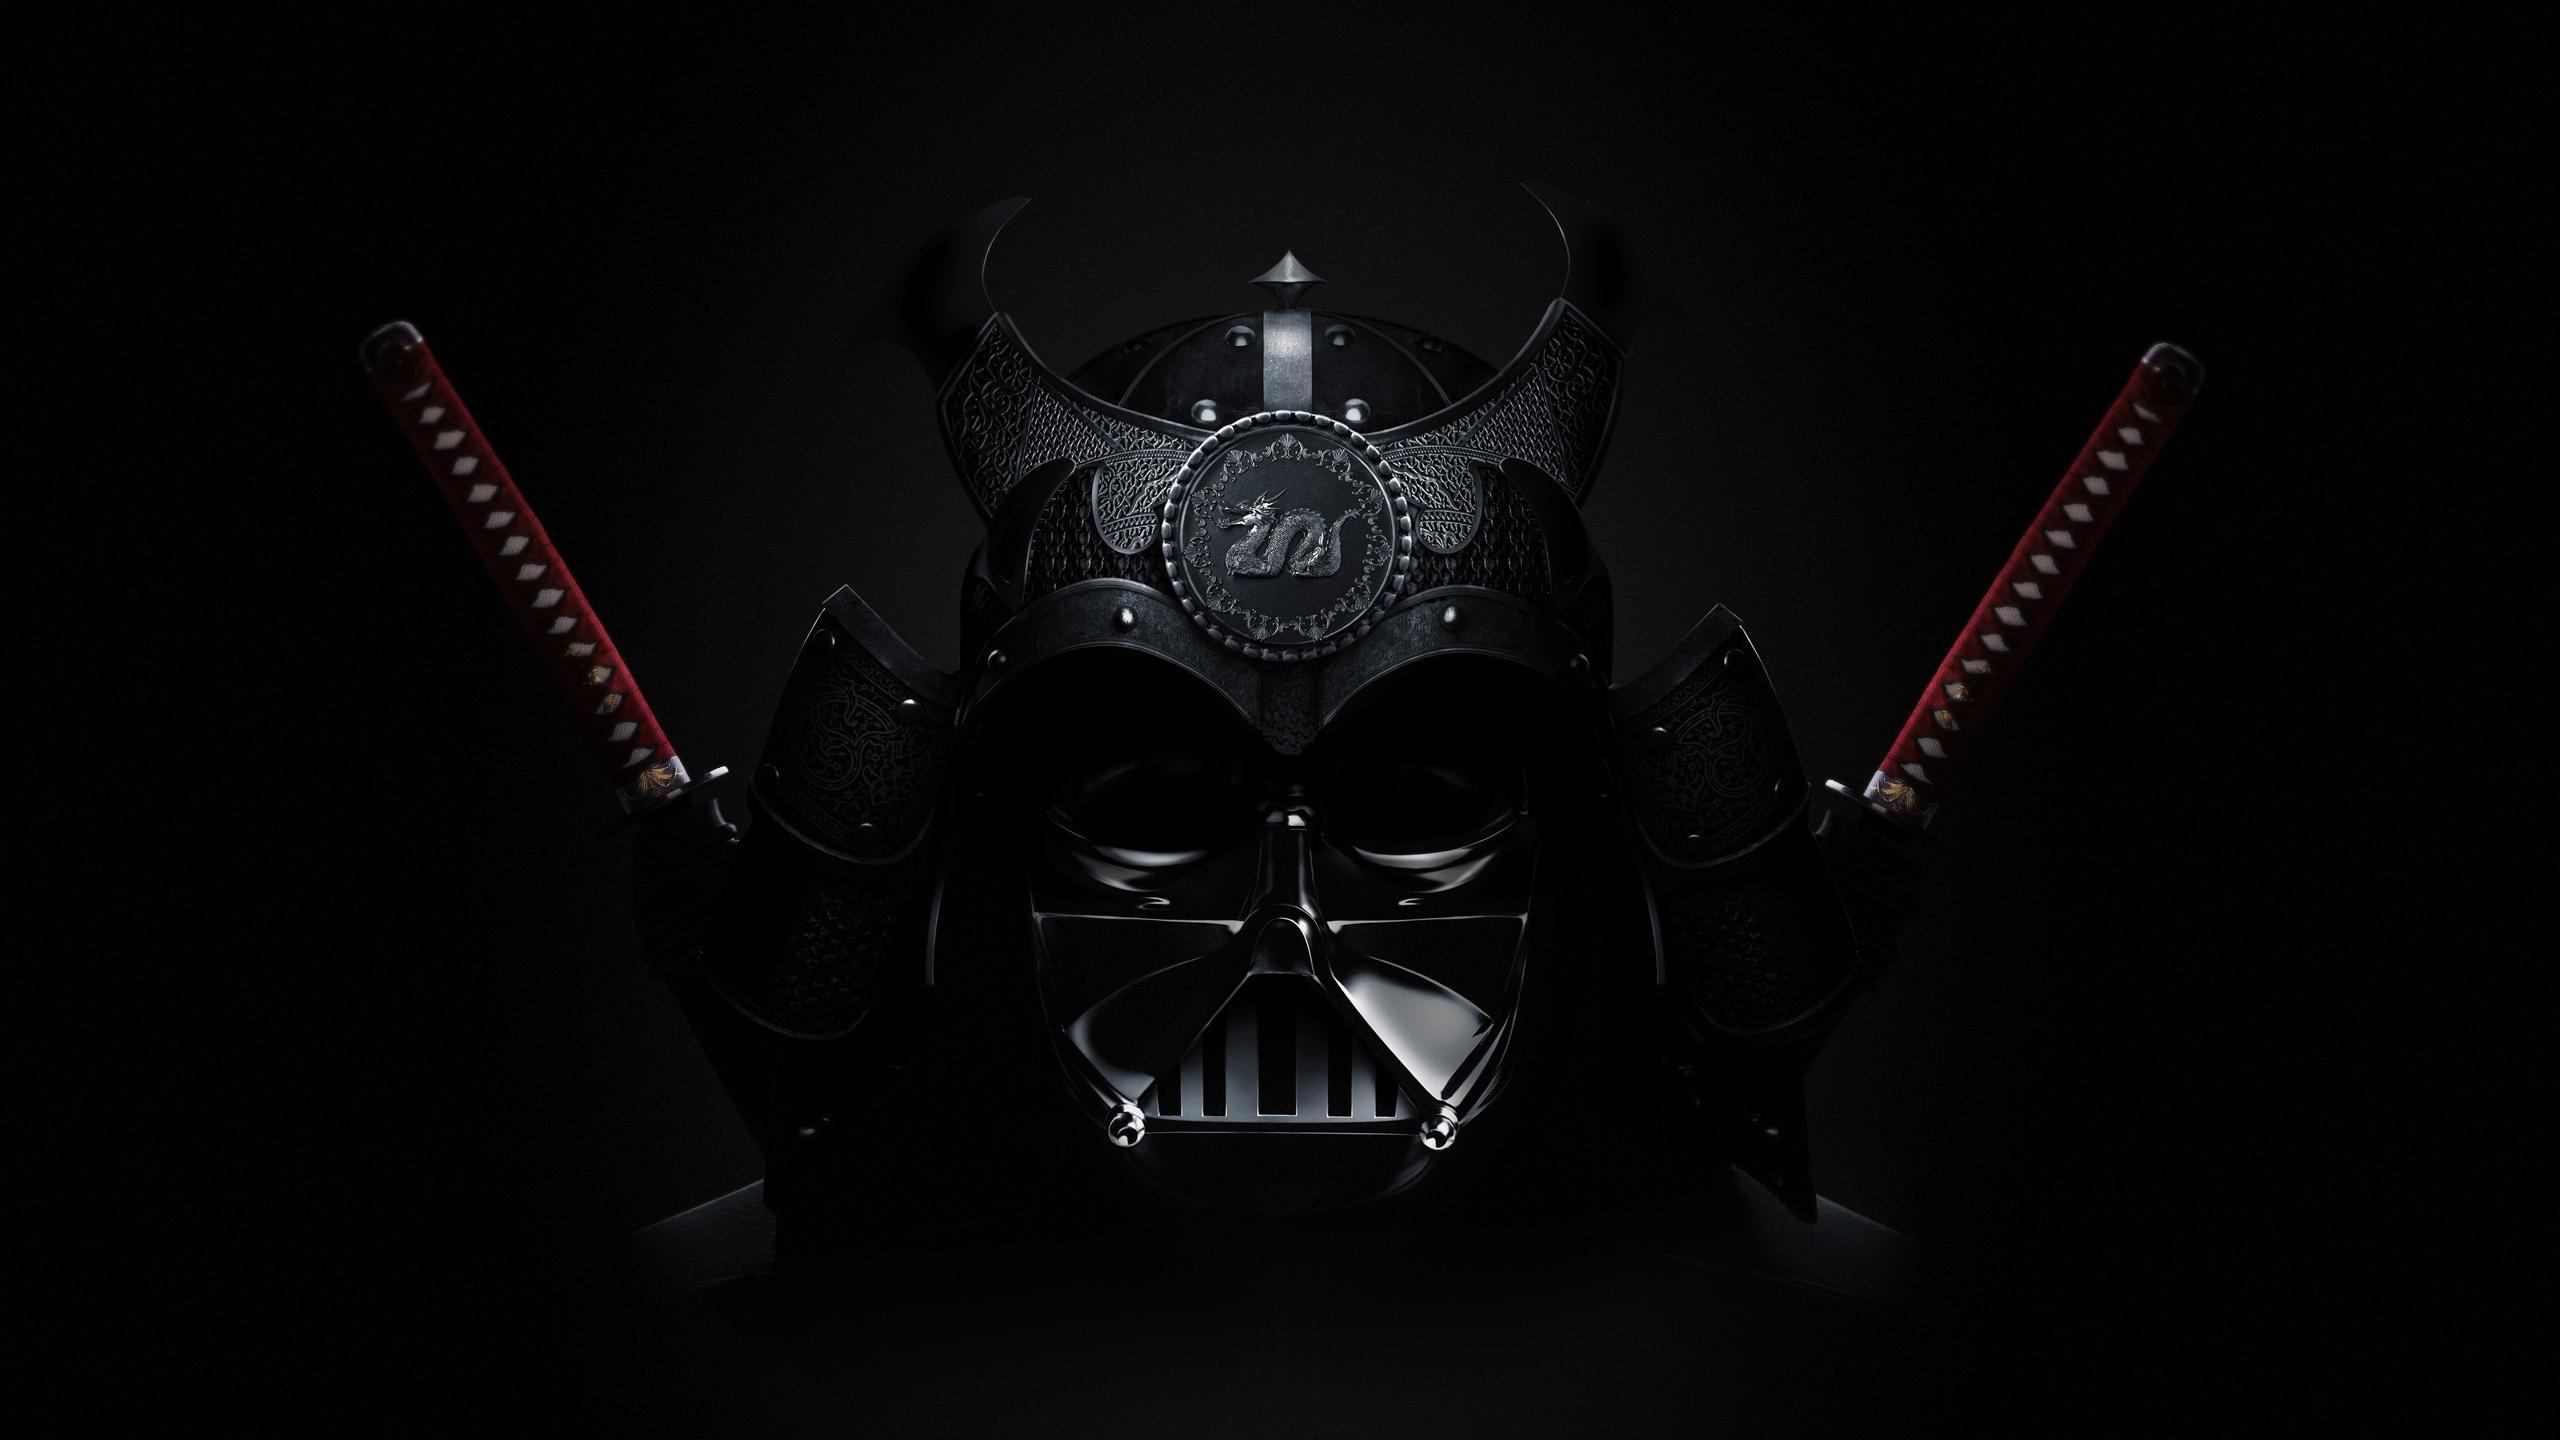 General 2560x1440 Darth Vader samurai Asian Star Wars digital art artwork mask sword katana Star Wars Villains Sith crossover